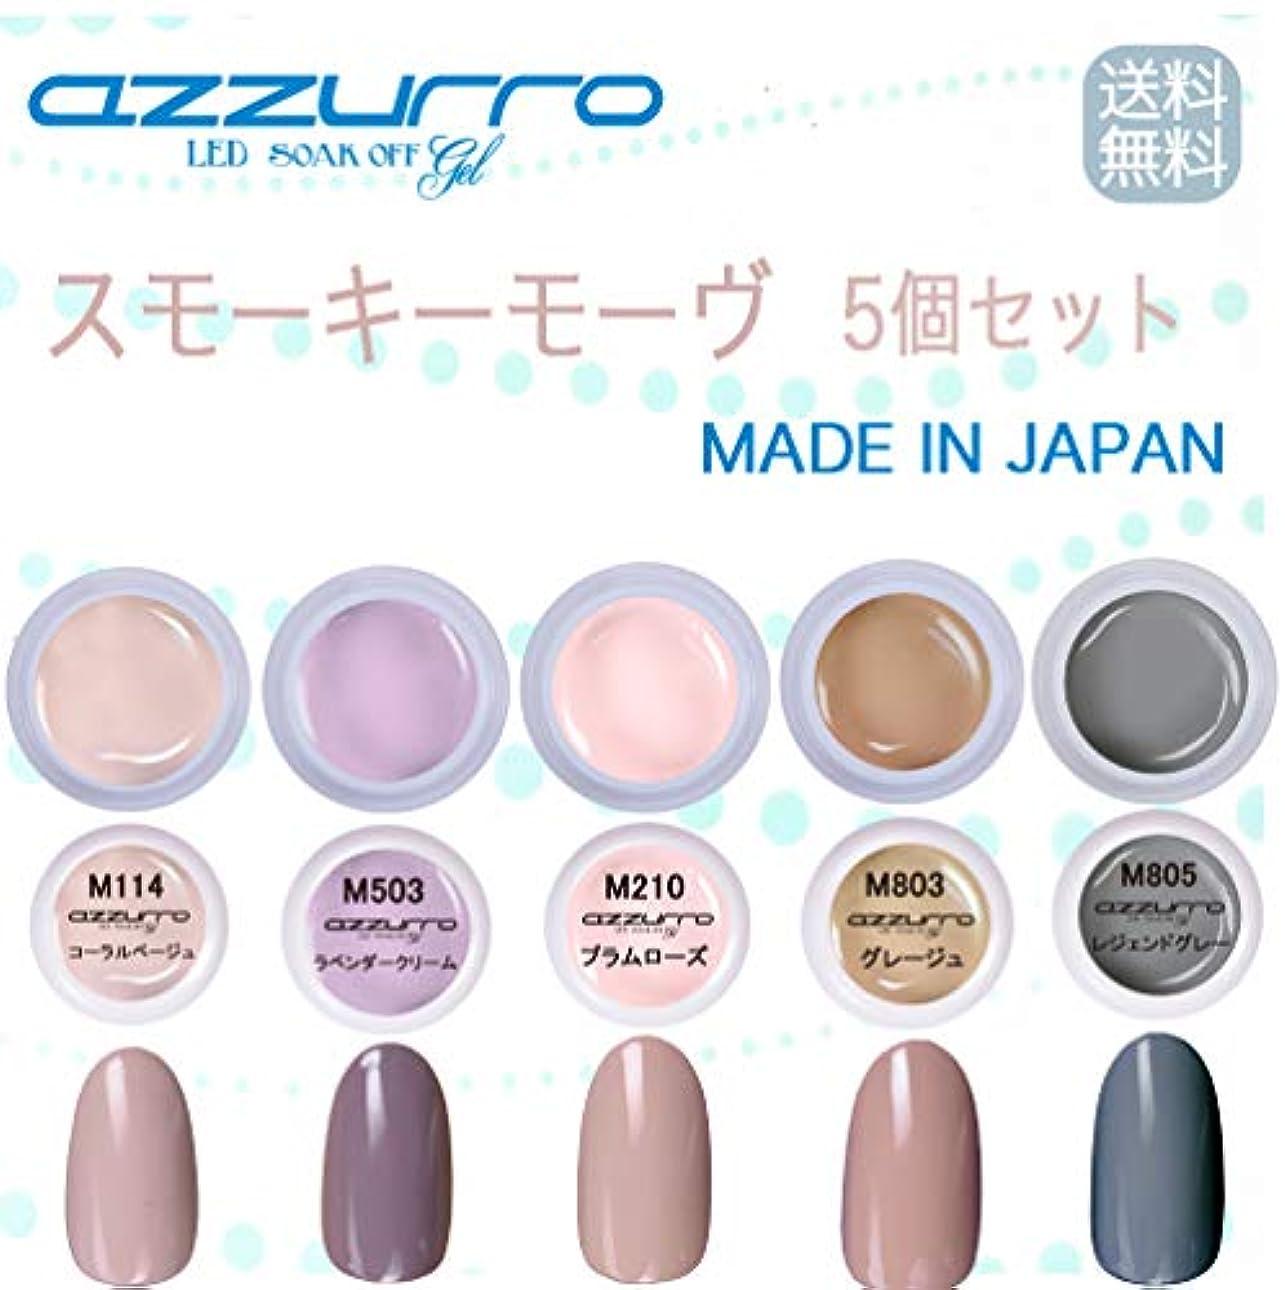 公平なテスト知覚【送料無料】日本製 azzurro gel スモーキーモーヴカラージェル5個セット 春色にもかかせないとスモーキーなモーヴカラー